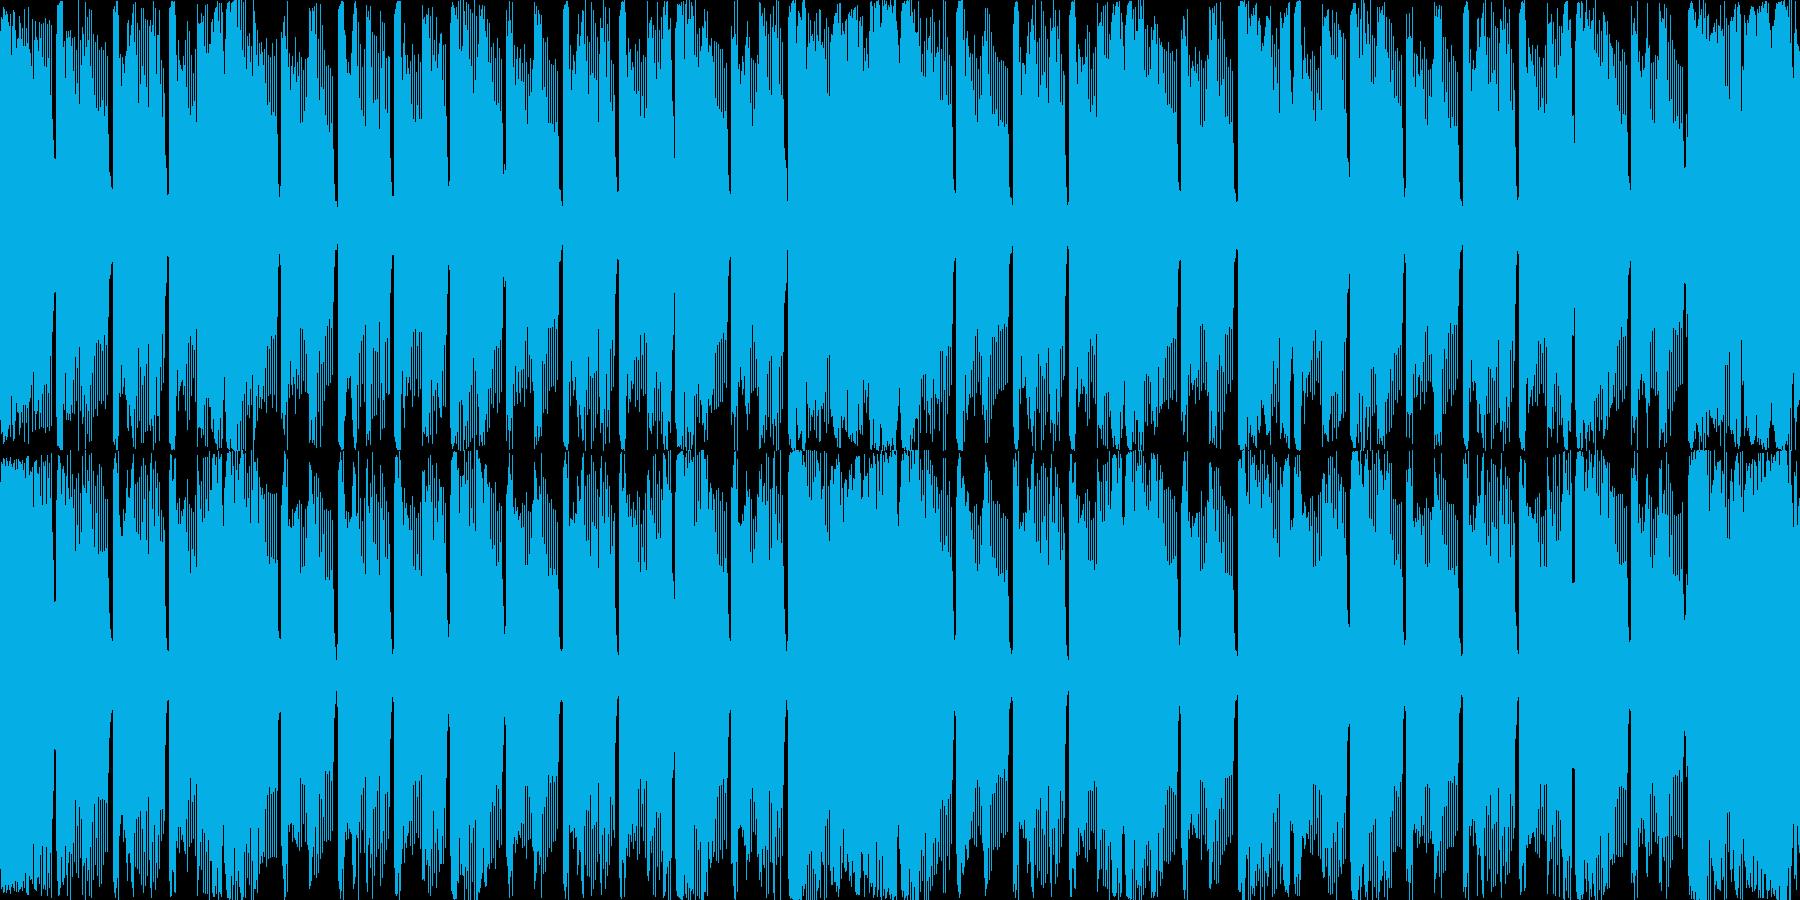 四分打ちのシンプルなループBGMの再生済みの波形